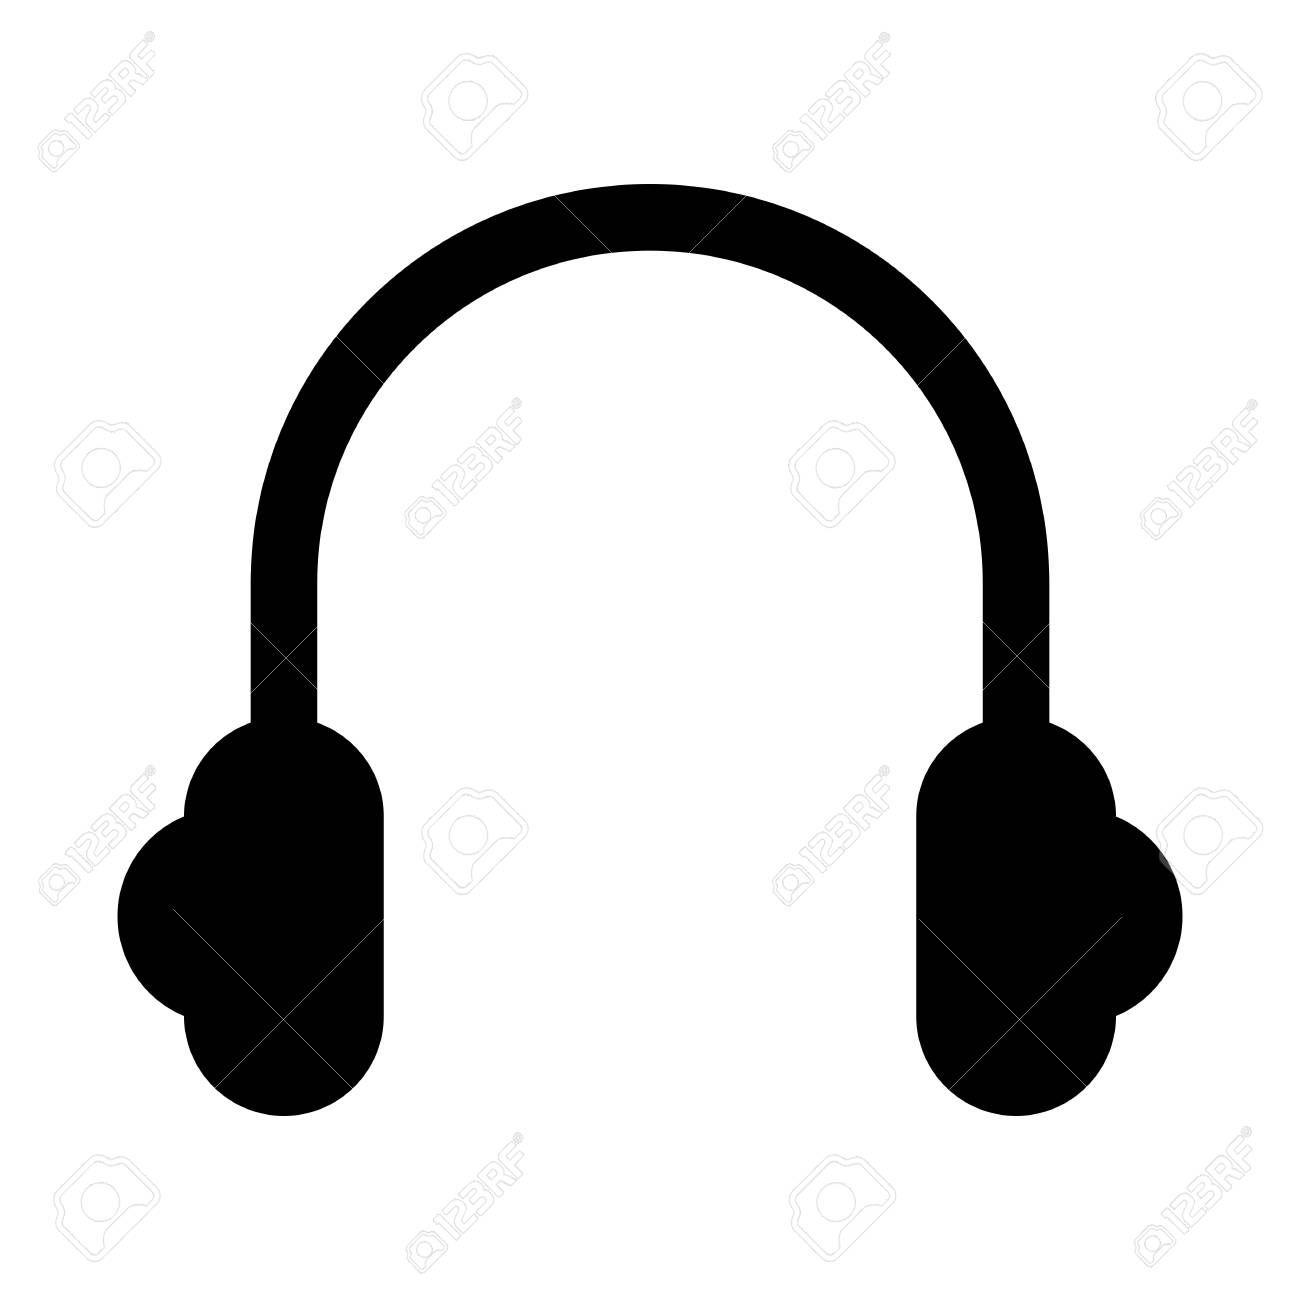 Stereo Headset Speaker Illustration On Plain Background